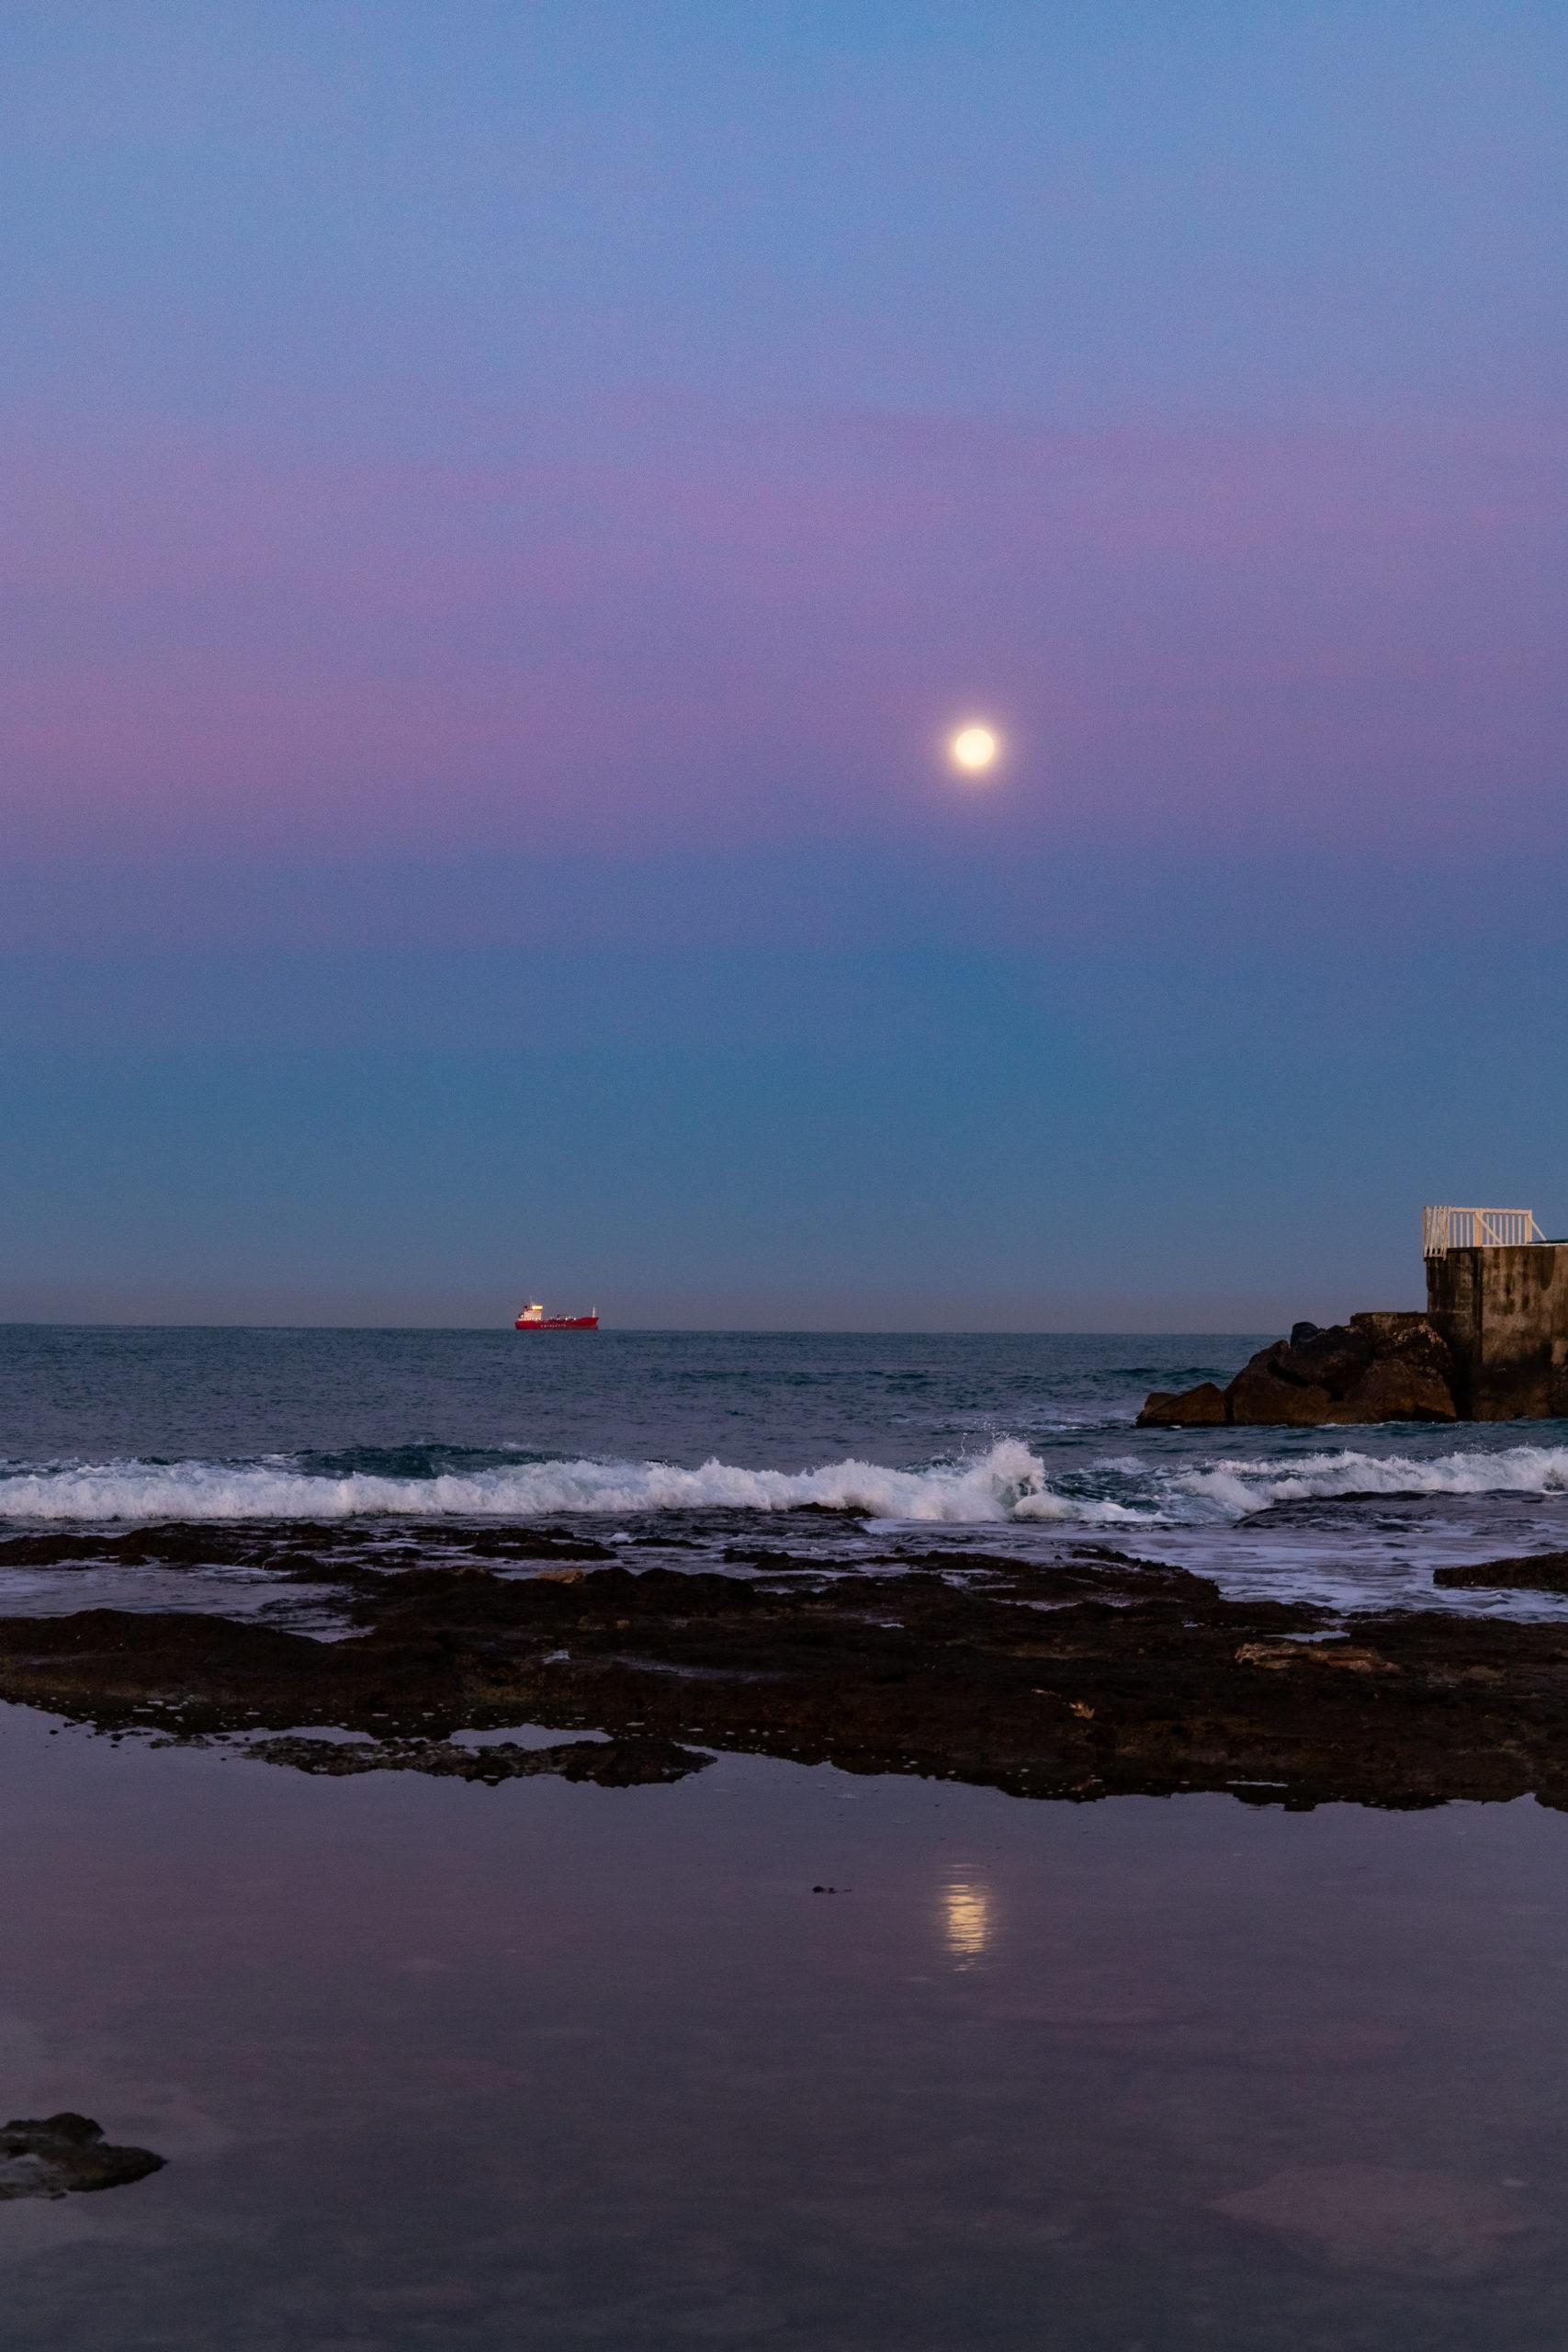 明月Mingyue – bright moon